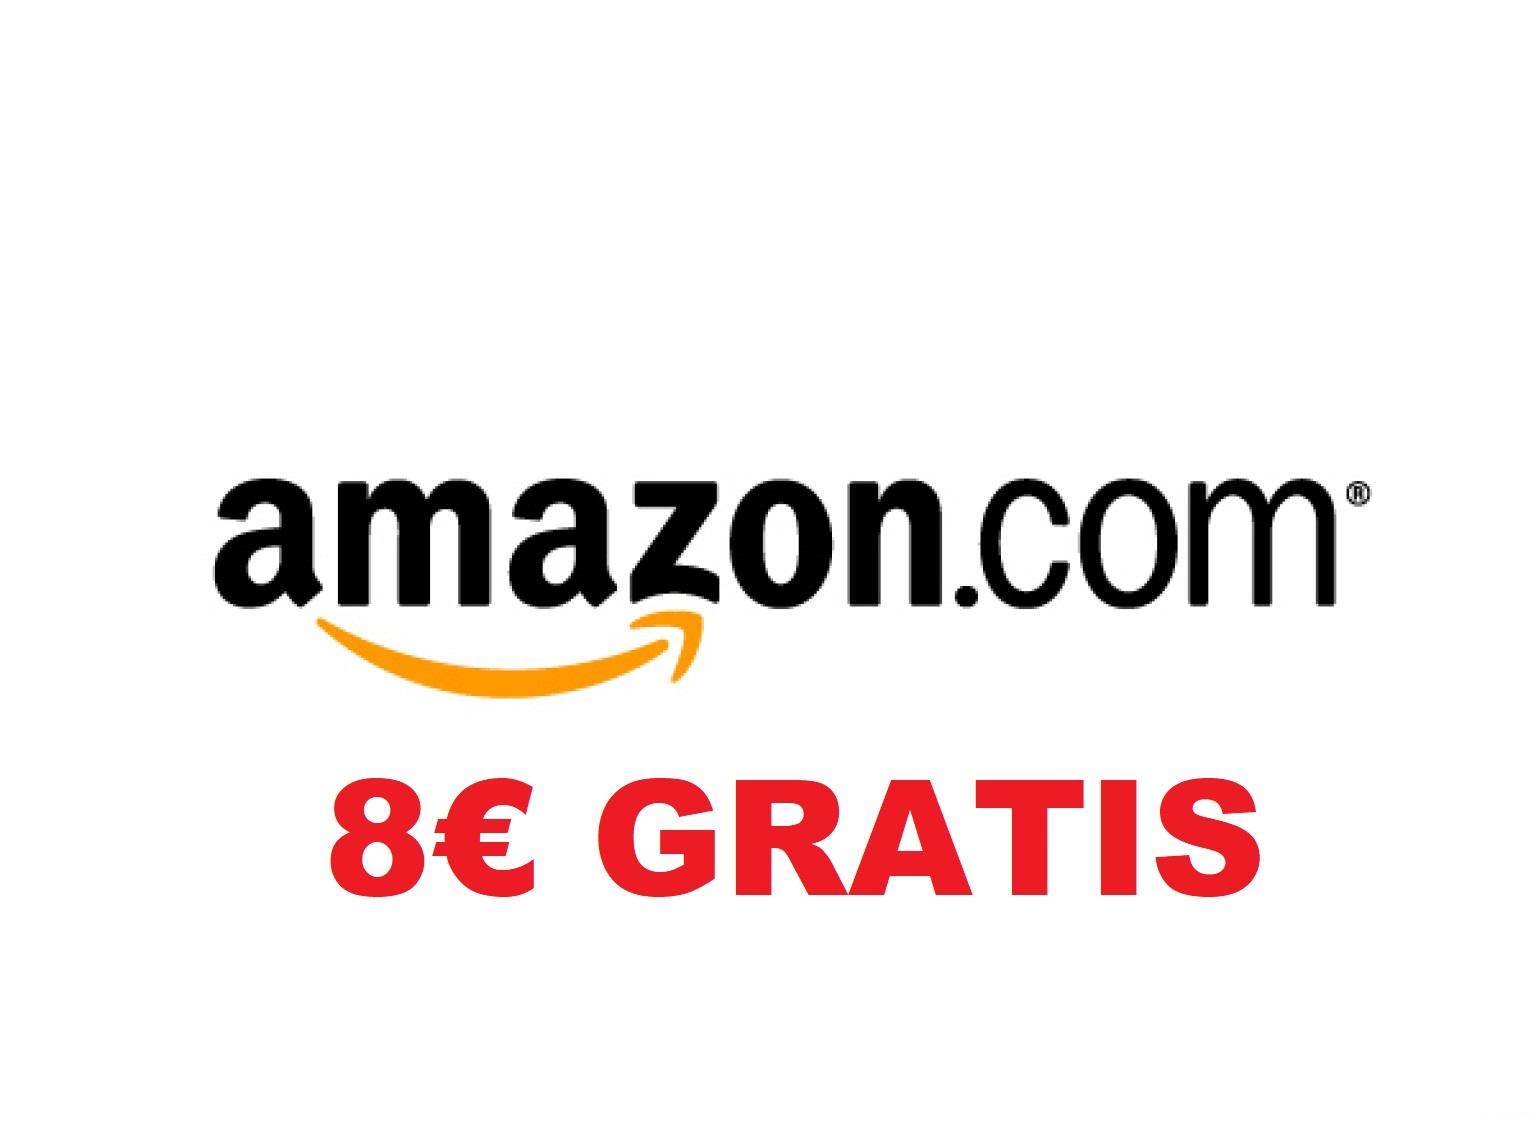 amazon 8€ GRATIS